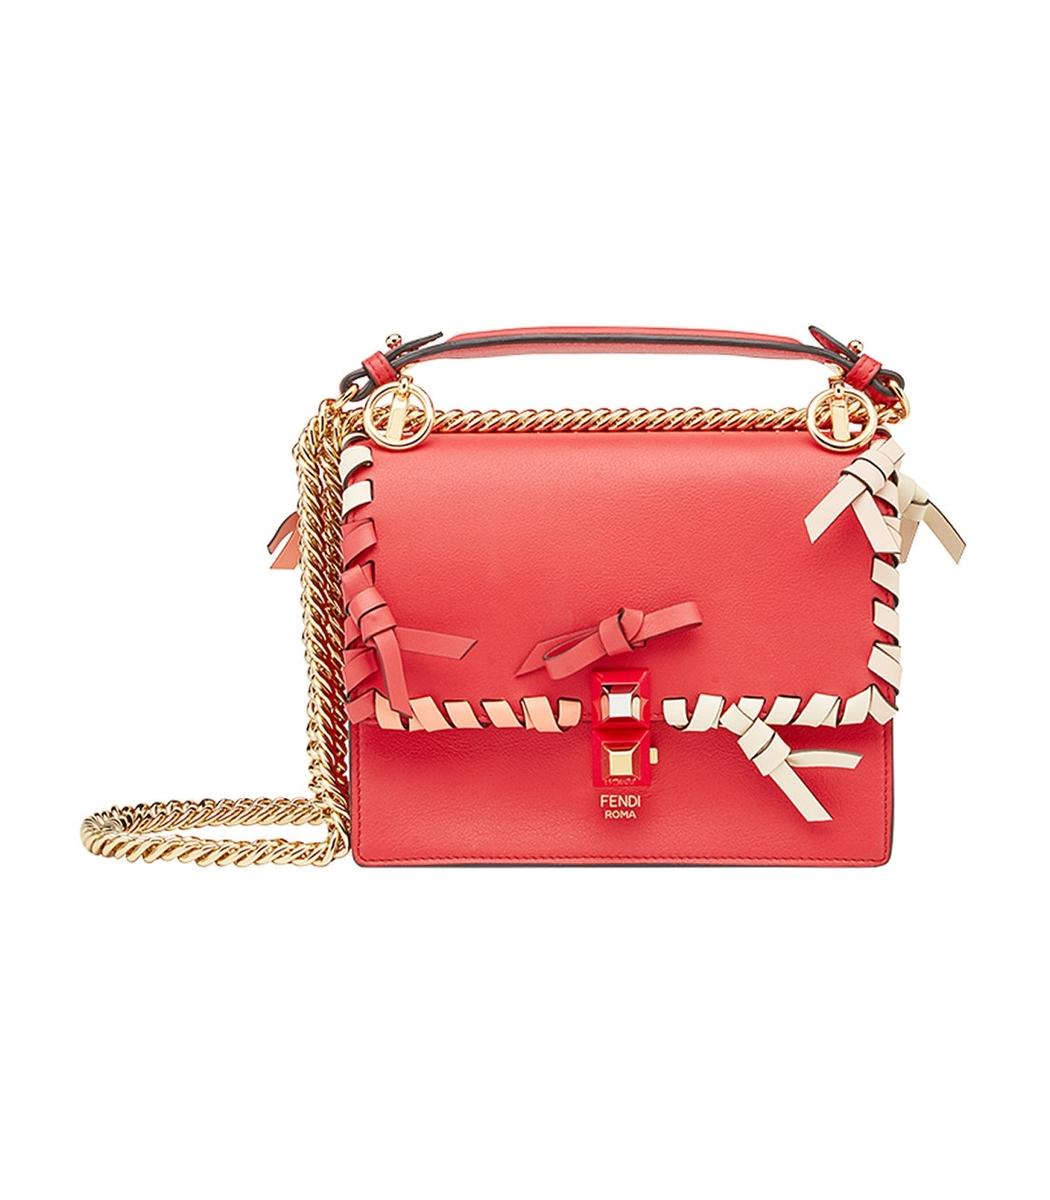 Mini Whipstitch Kan I Bag